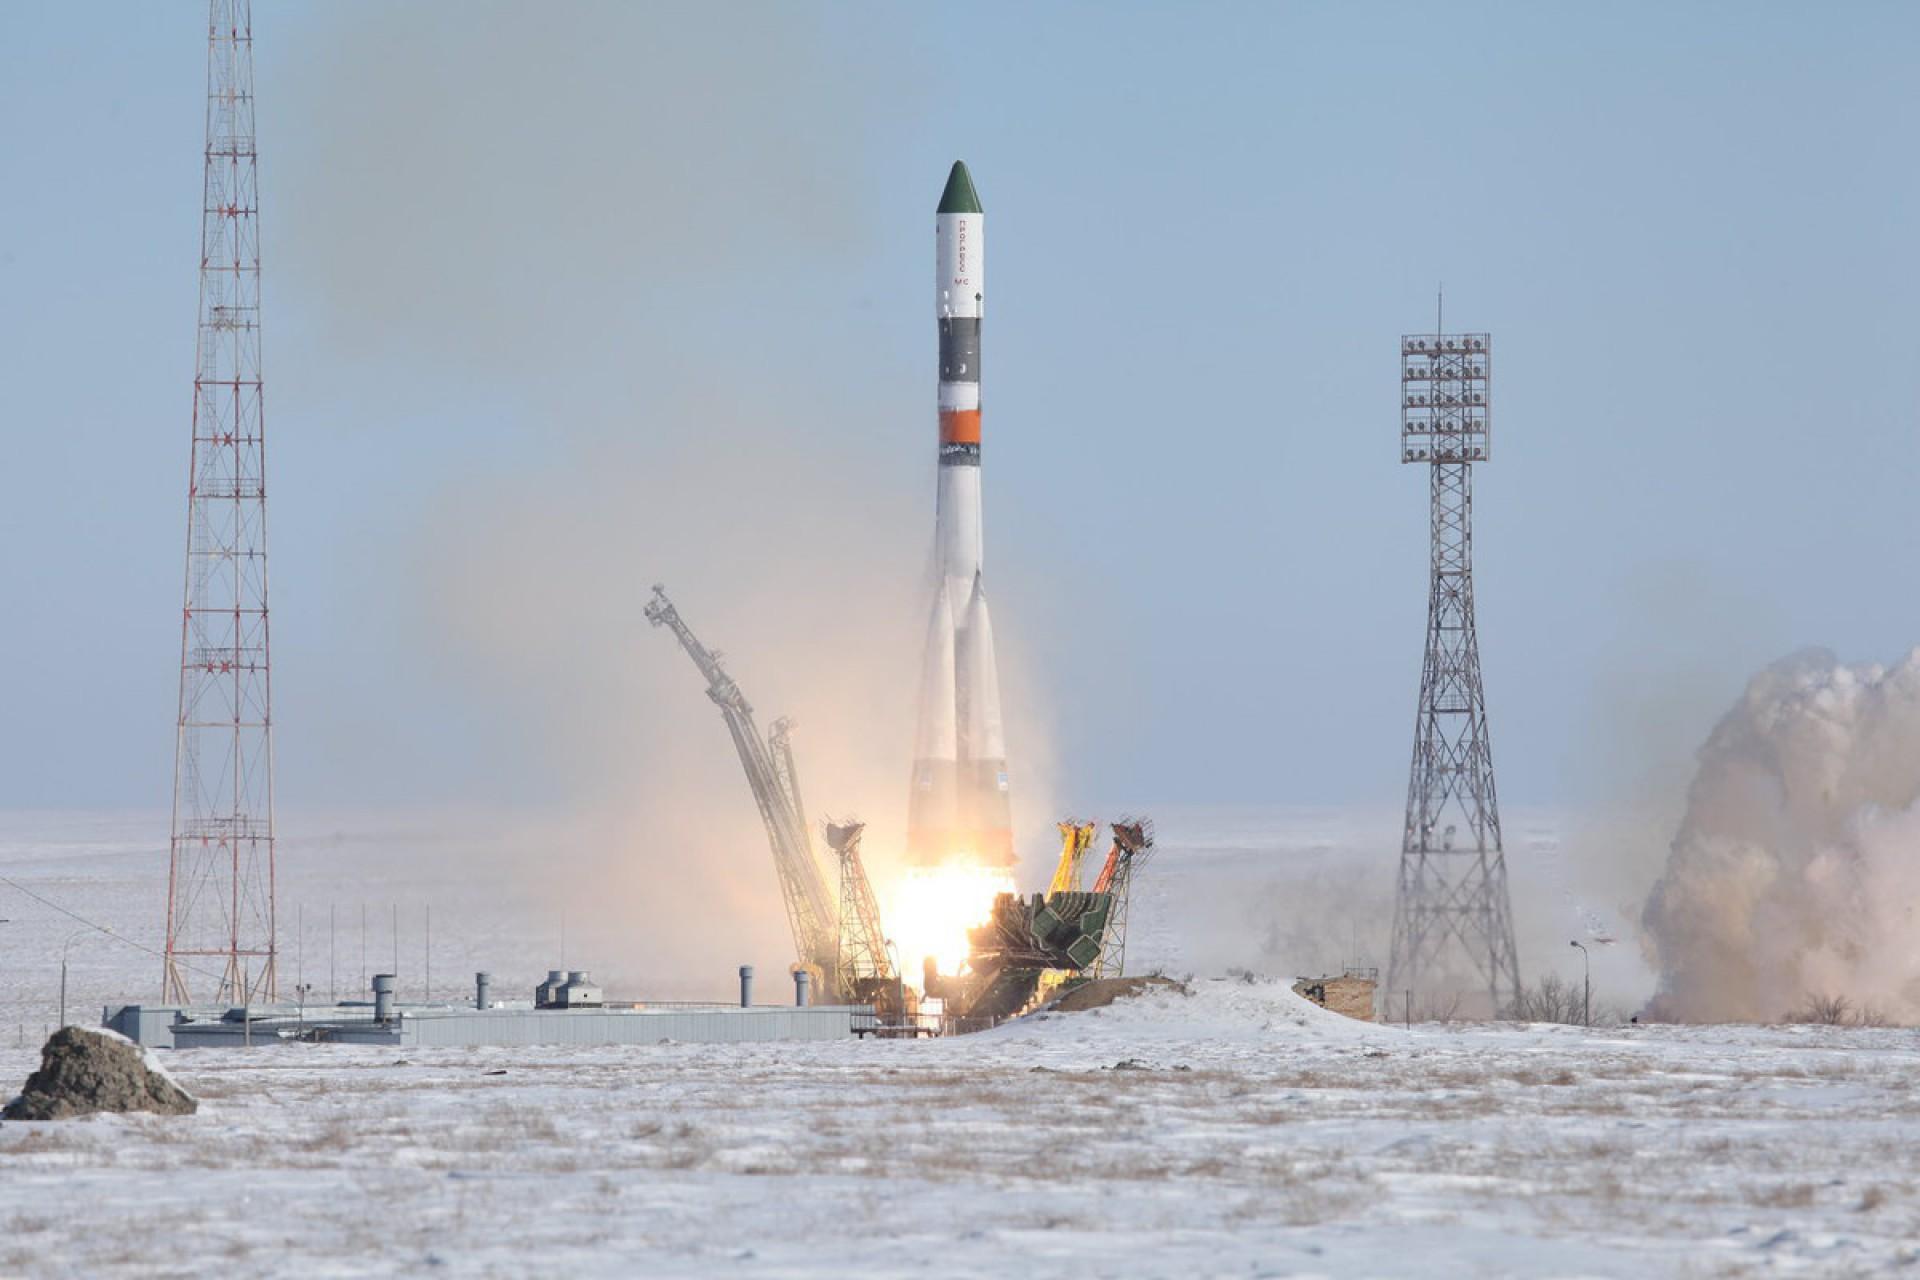 Cosmódromo de Baikonur, inaugurado na década de 50, ainda hoje é utilizado para lançamento de foguetes